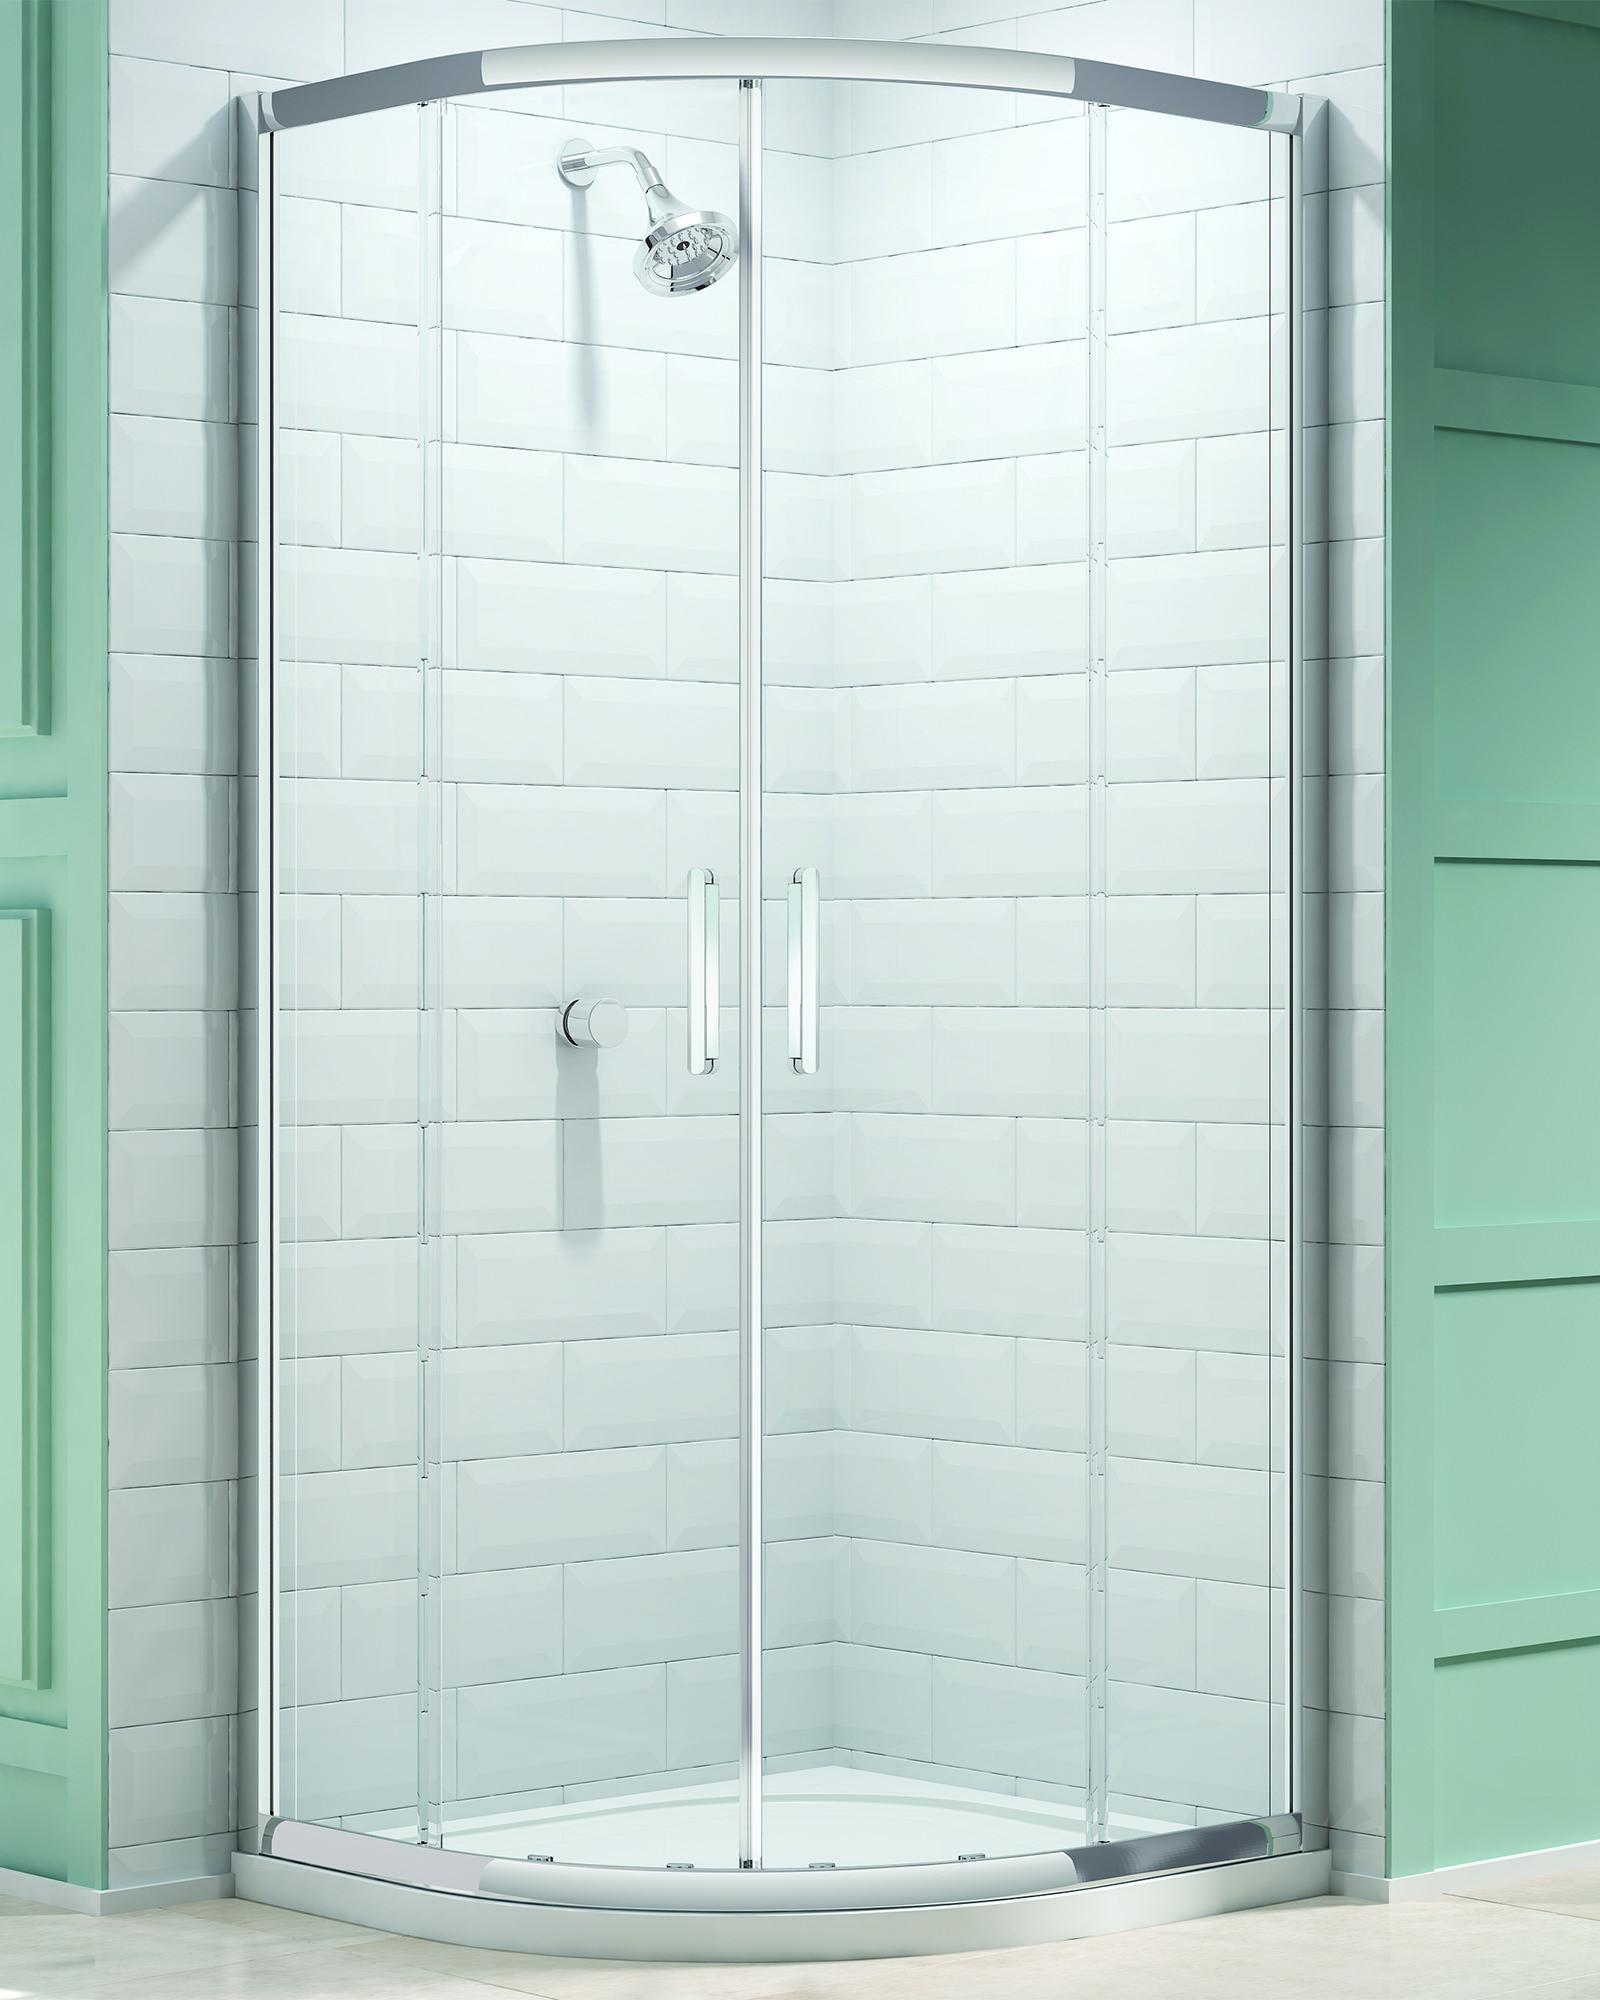 Merlyn 8 Series 800 X 800mm 2 Door Quadrant Shower Enclosure